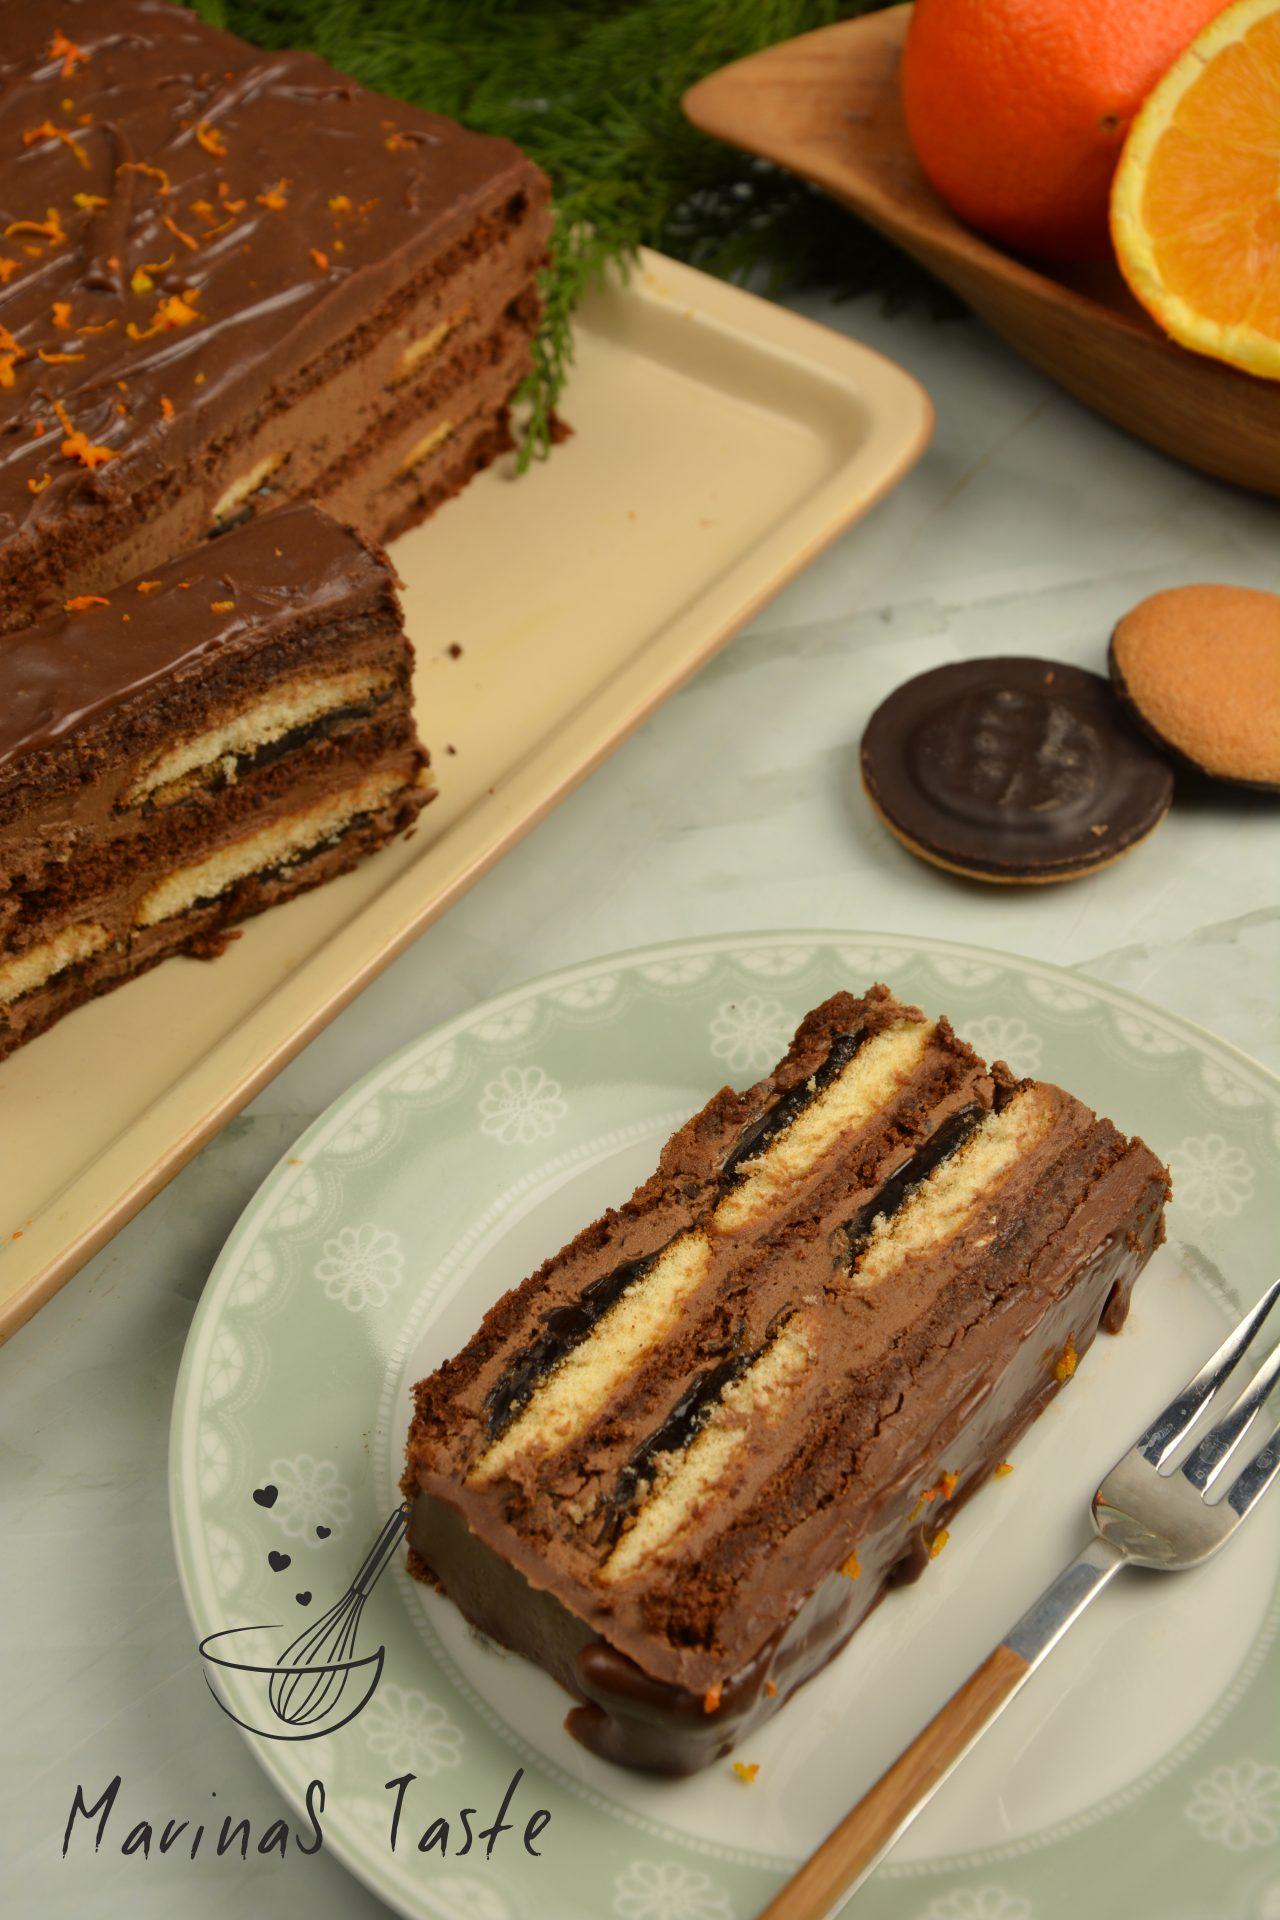 Cokoladna-jaffa-torta-3